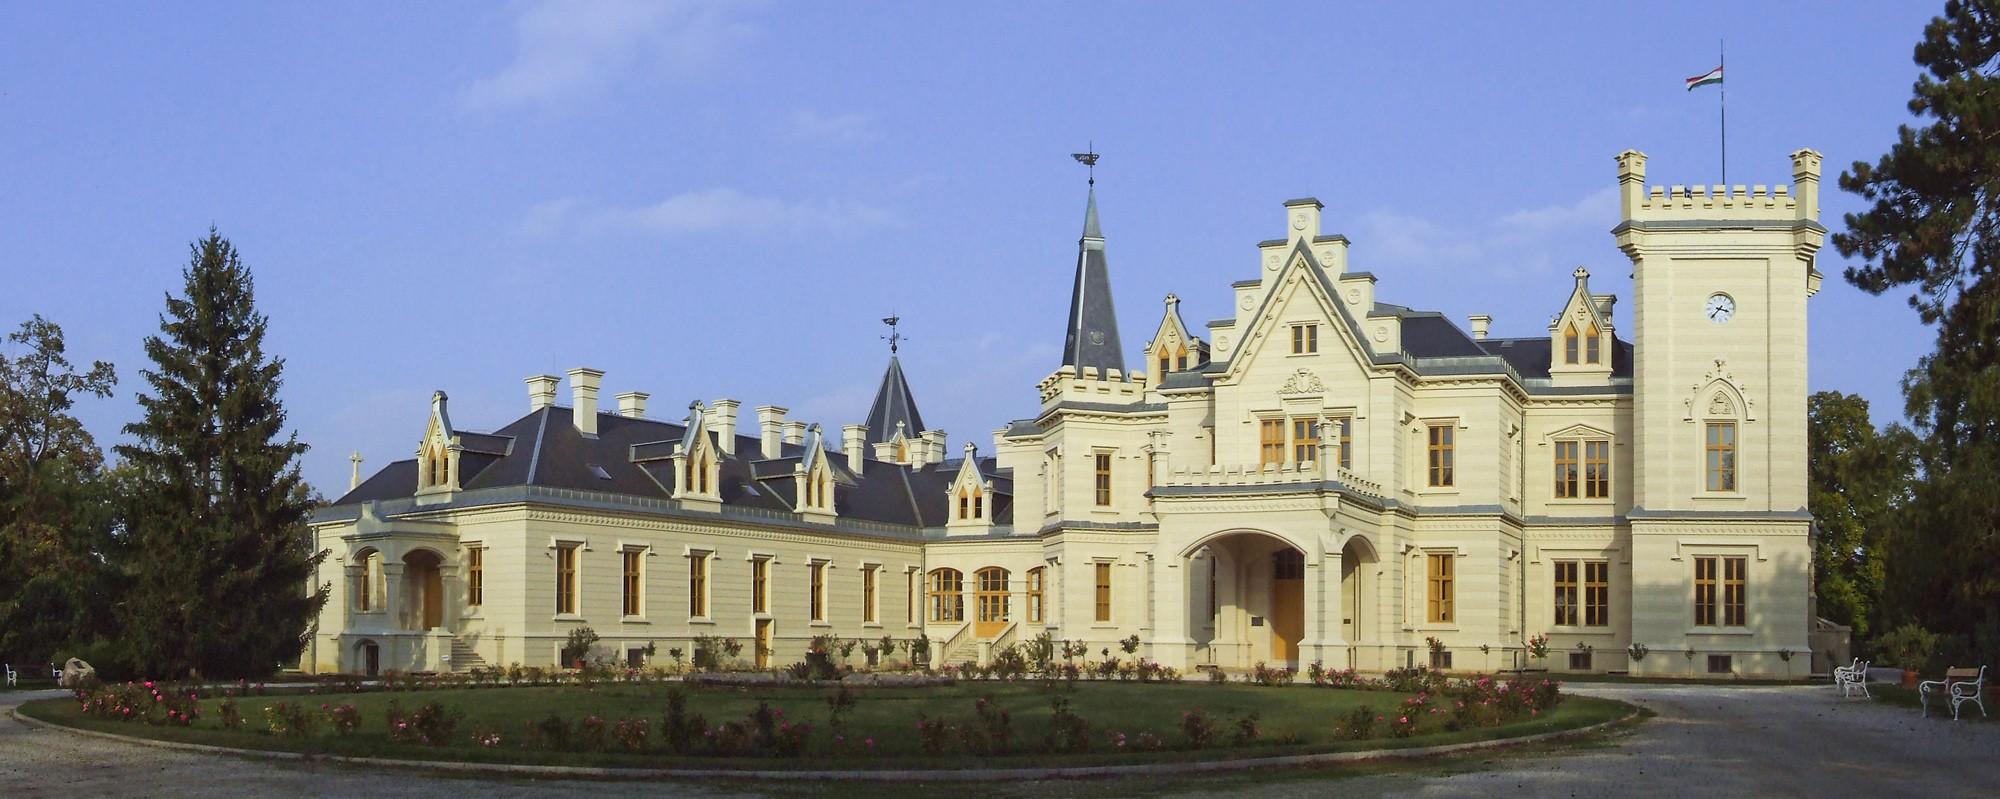 Jól halad a nemzeti kastély- és várprogram